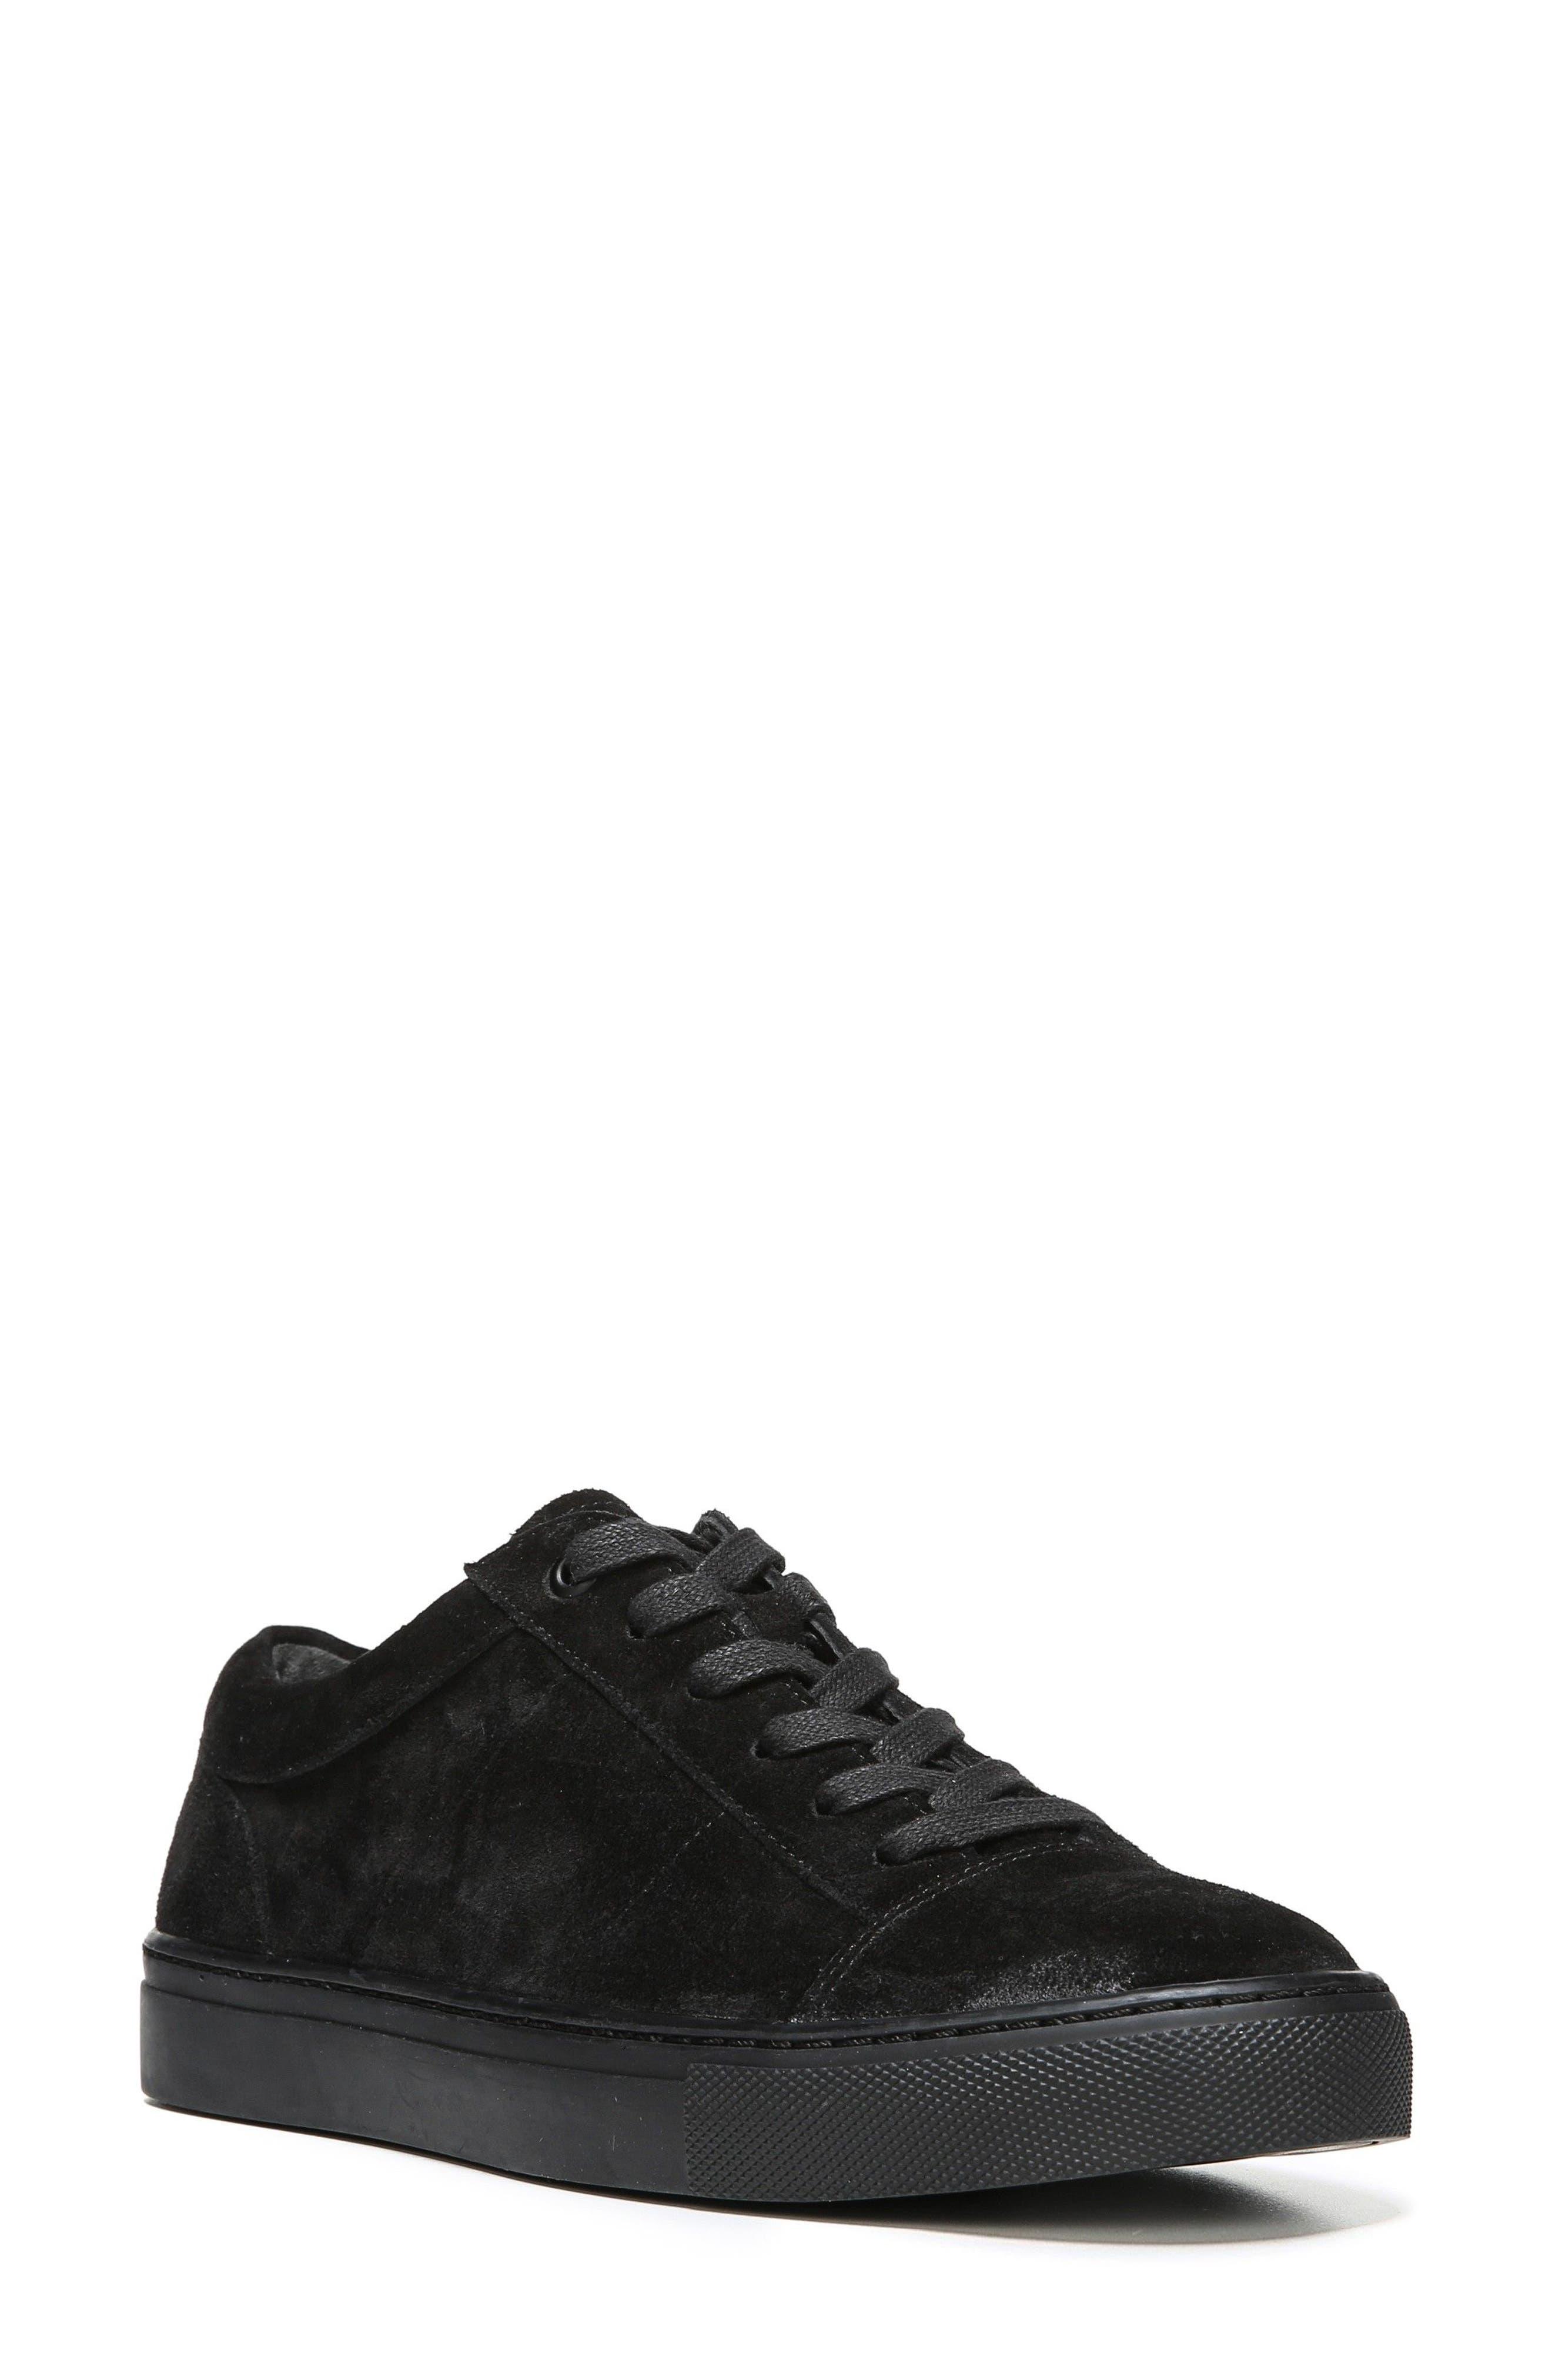 Afton Sneaker,                         Main,                         color, Black Suede